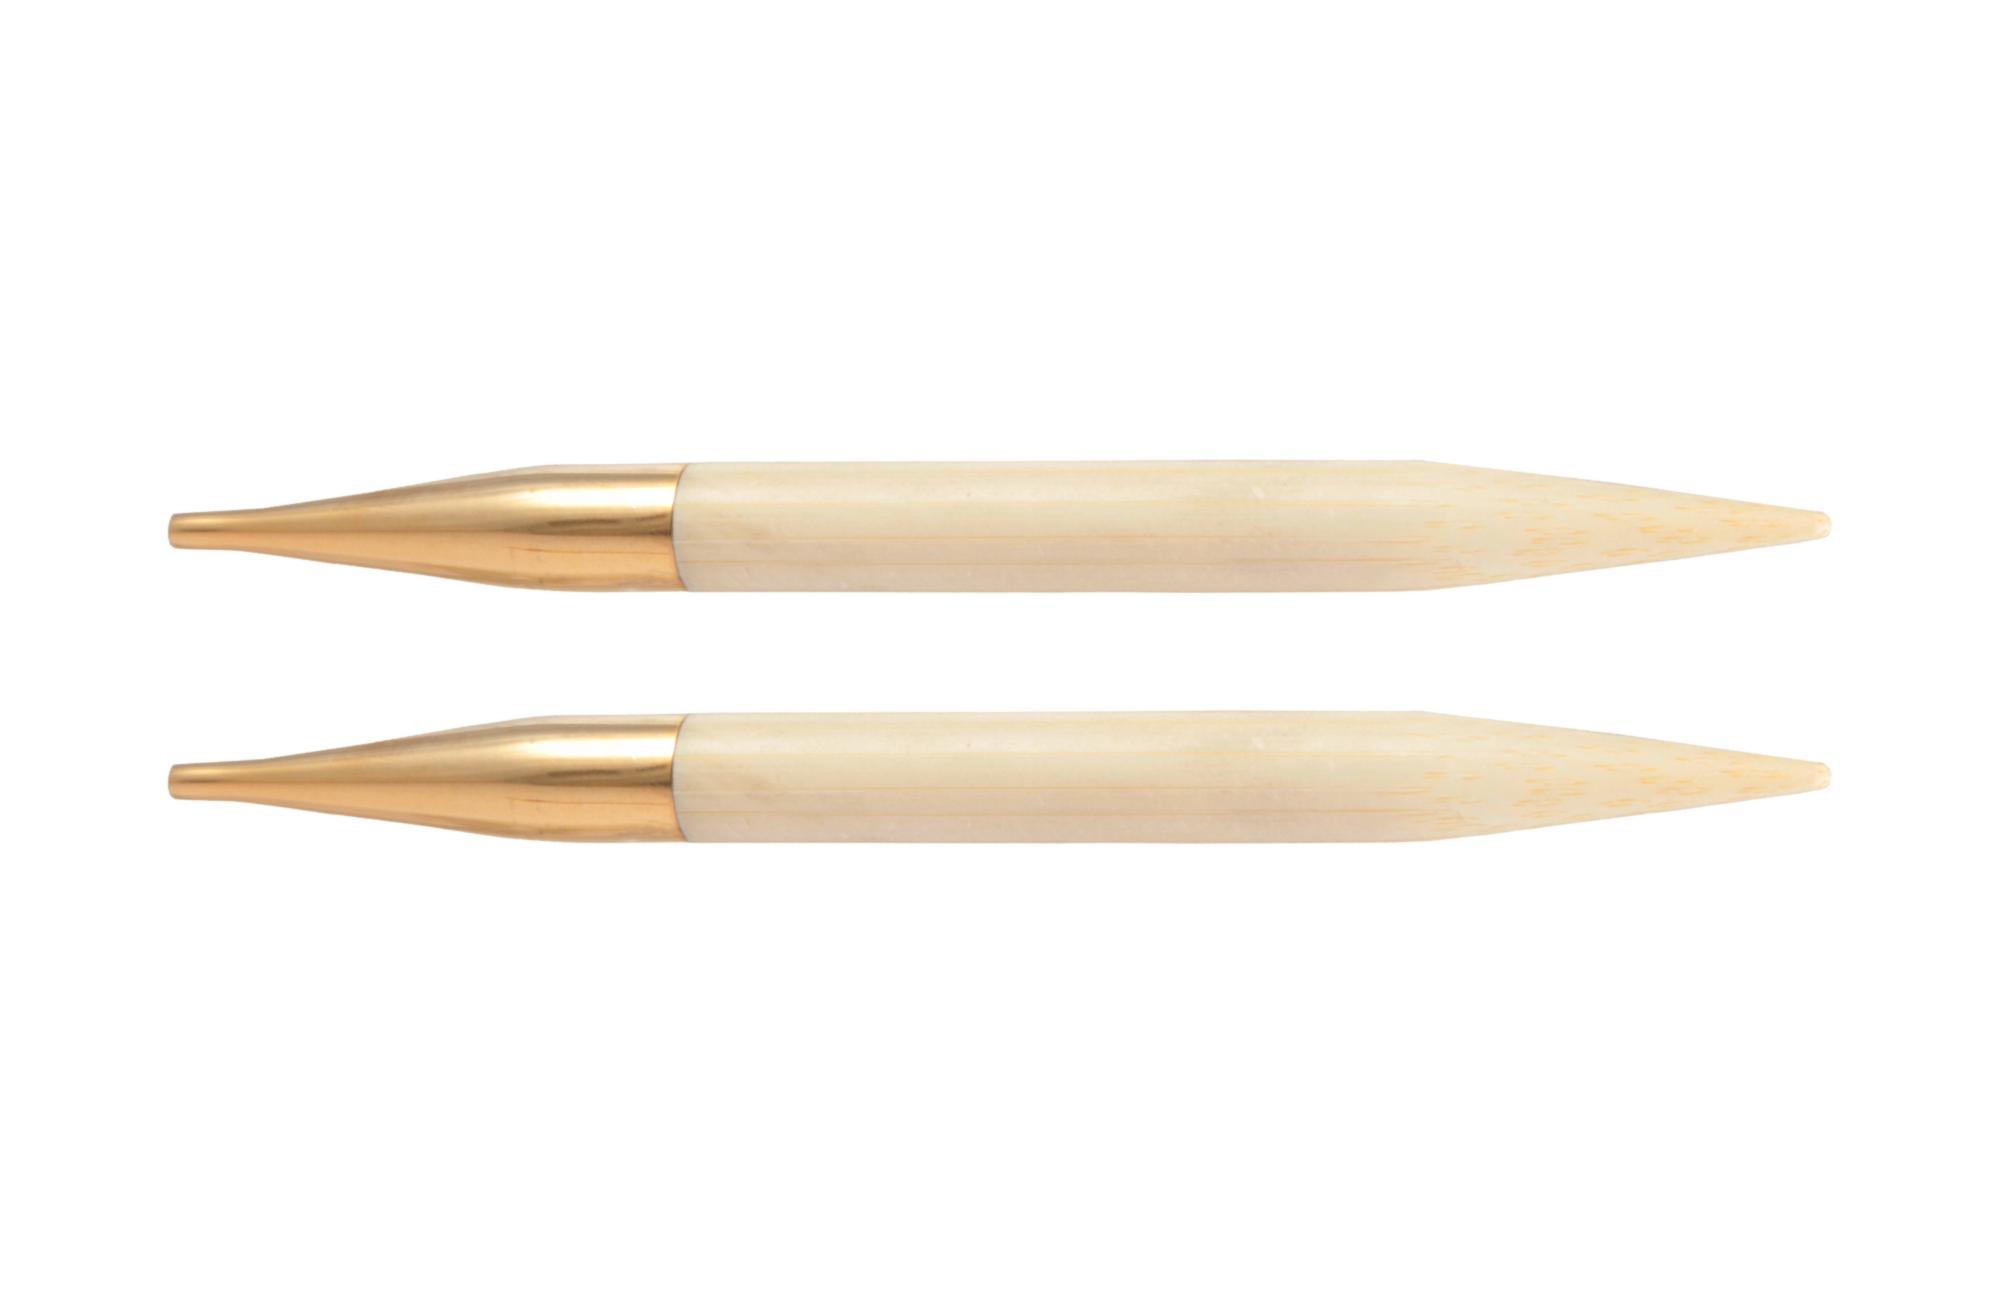 Спицы съёмные Bamboo KnitPro, 22407, 6.00 мм